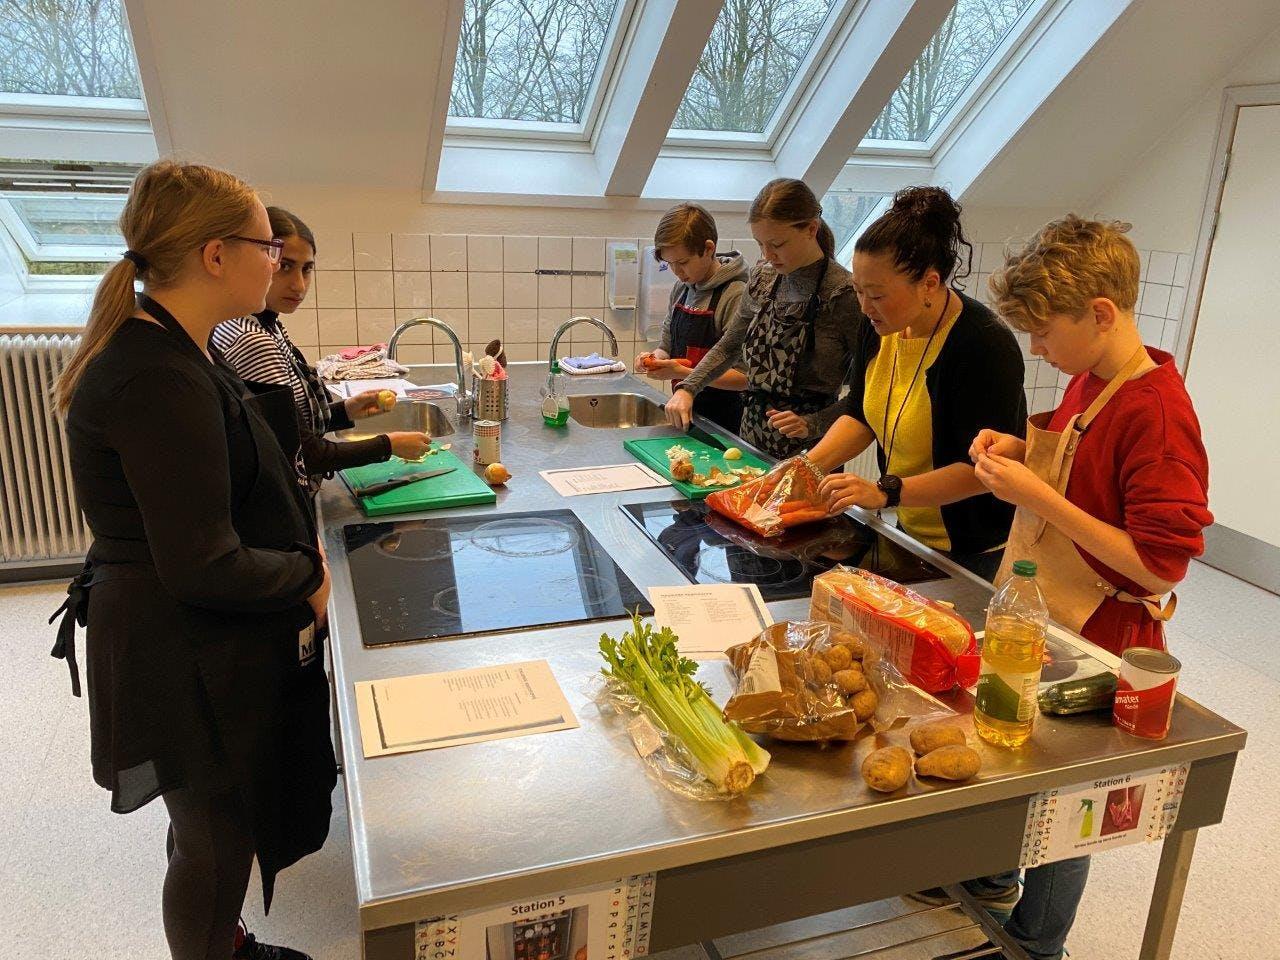 Spar Nord Fonden og Danmarks Lærerforening har samarbejdet om nyt, gratis undervisningsmateriale til madkundskabsundervisningen. Foto: PR